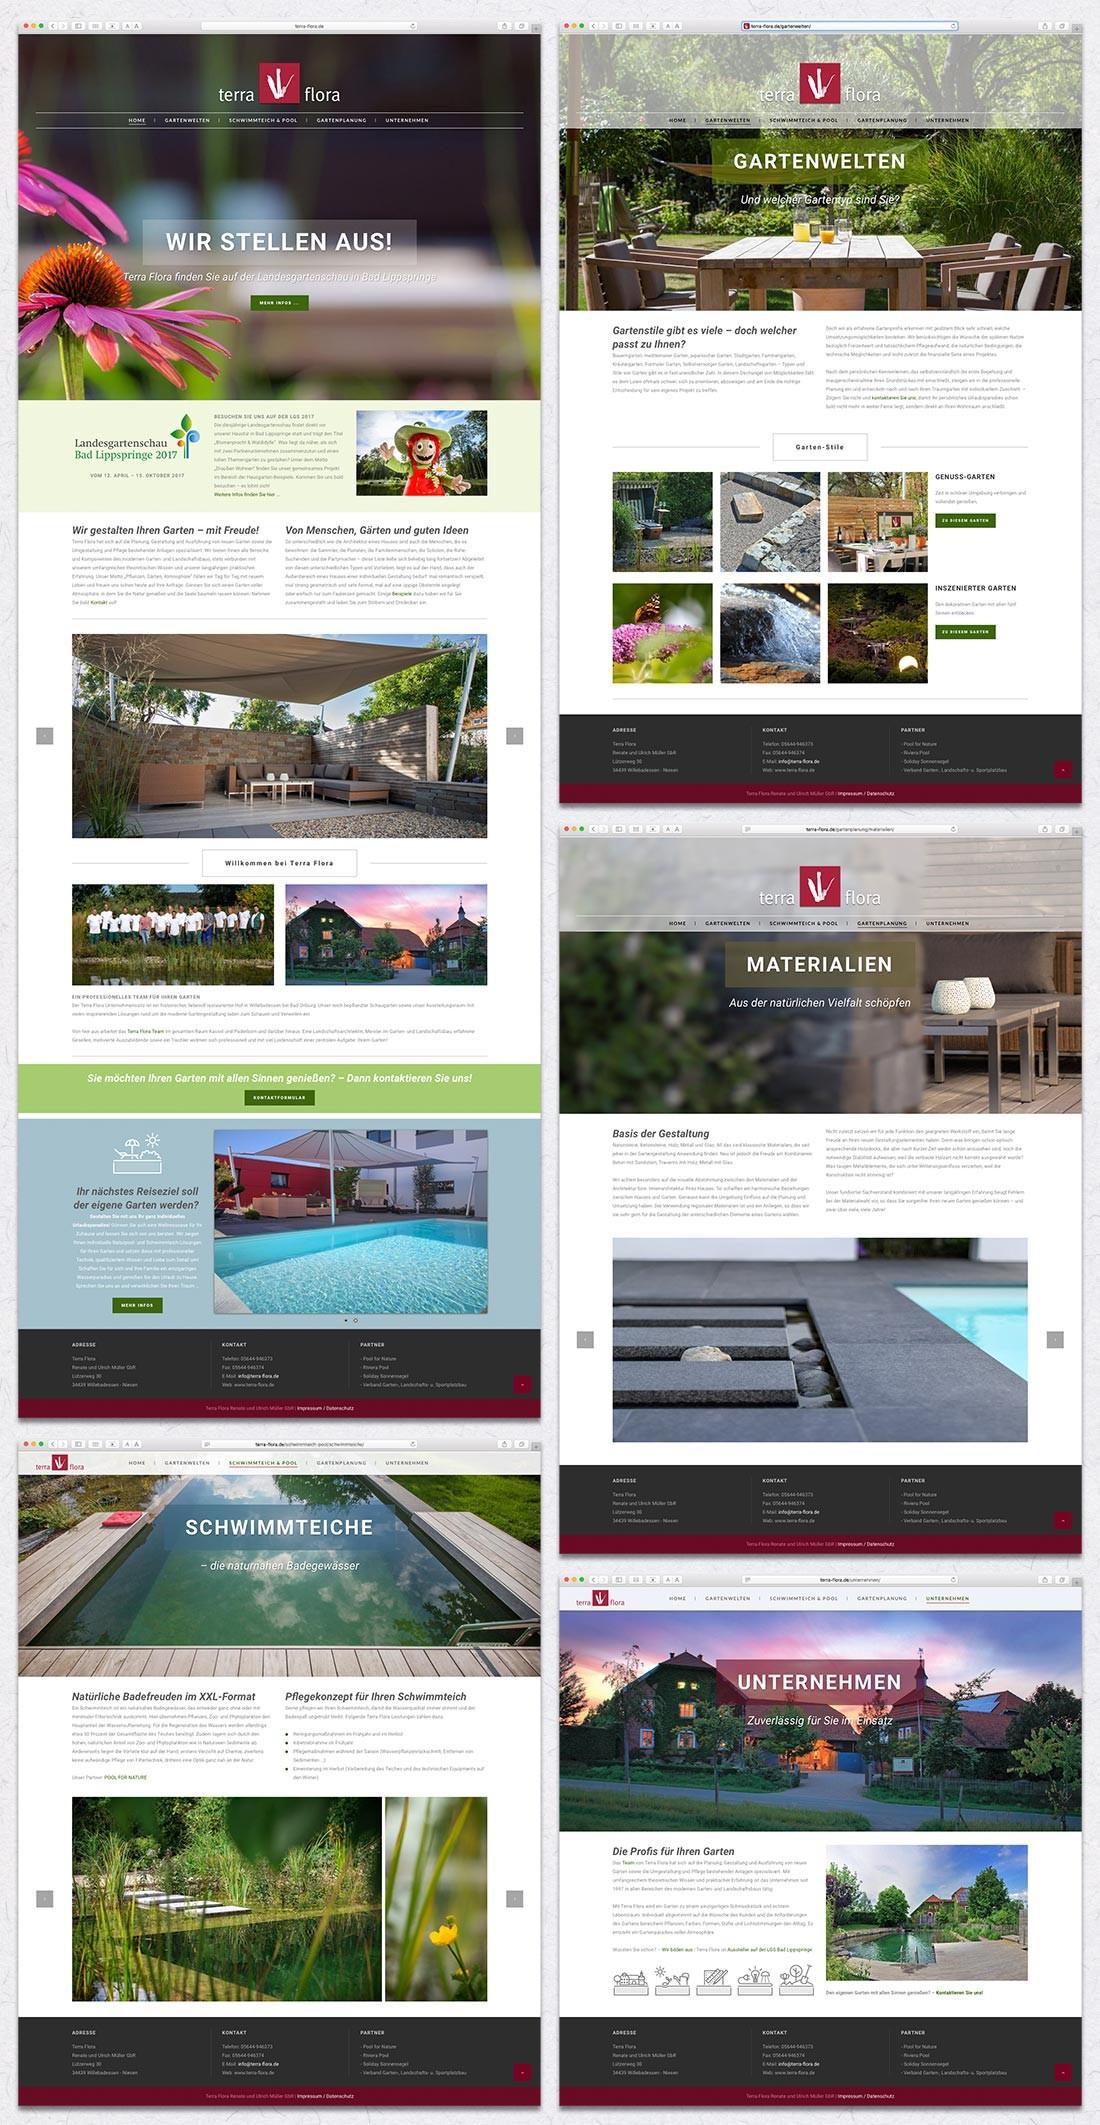 Webauftritt des Gartenbau-Unternehmens Terra Flora